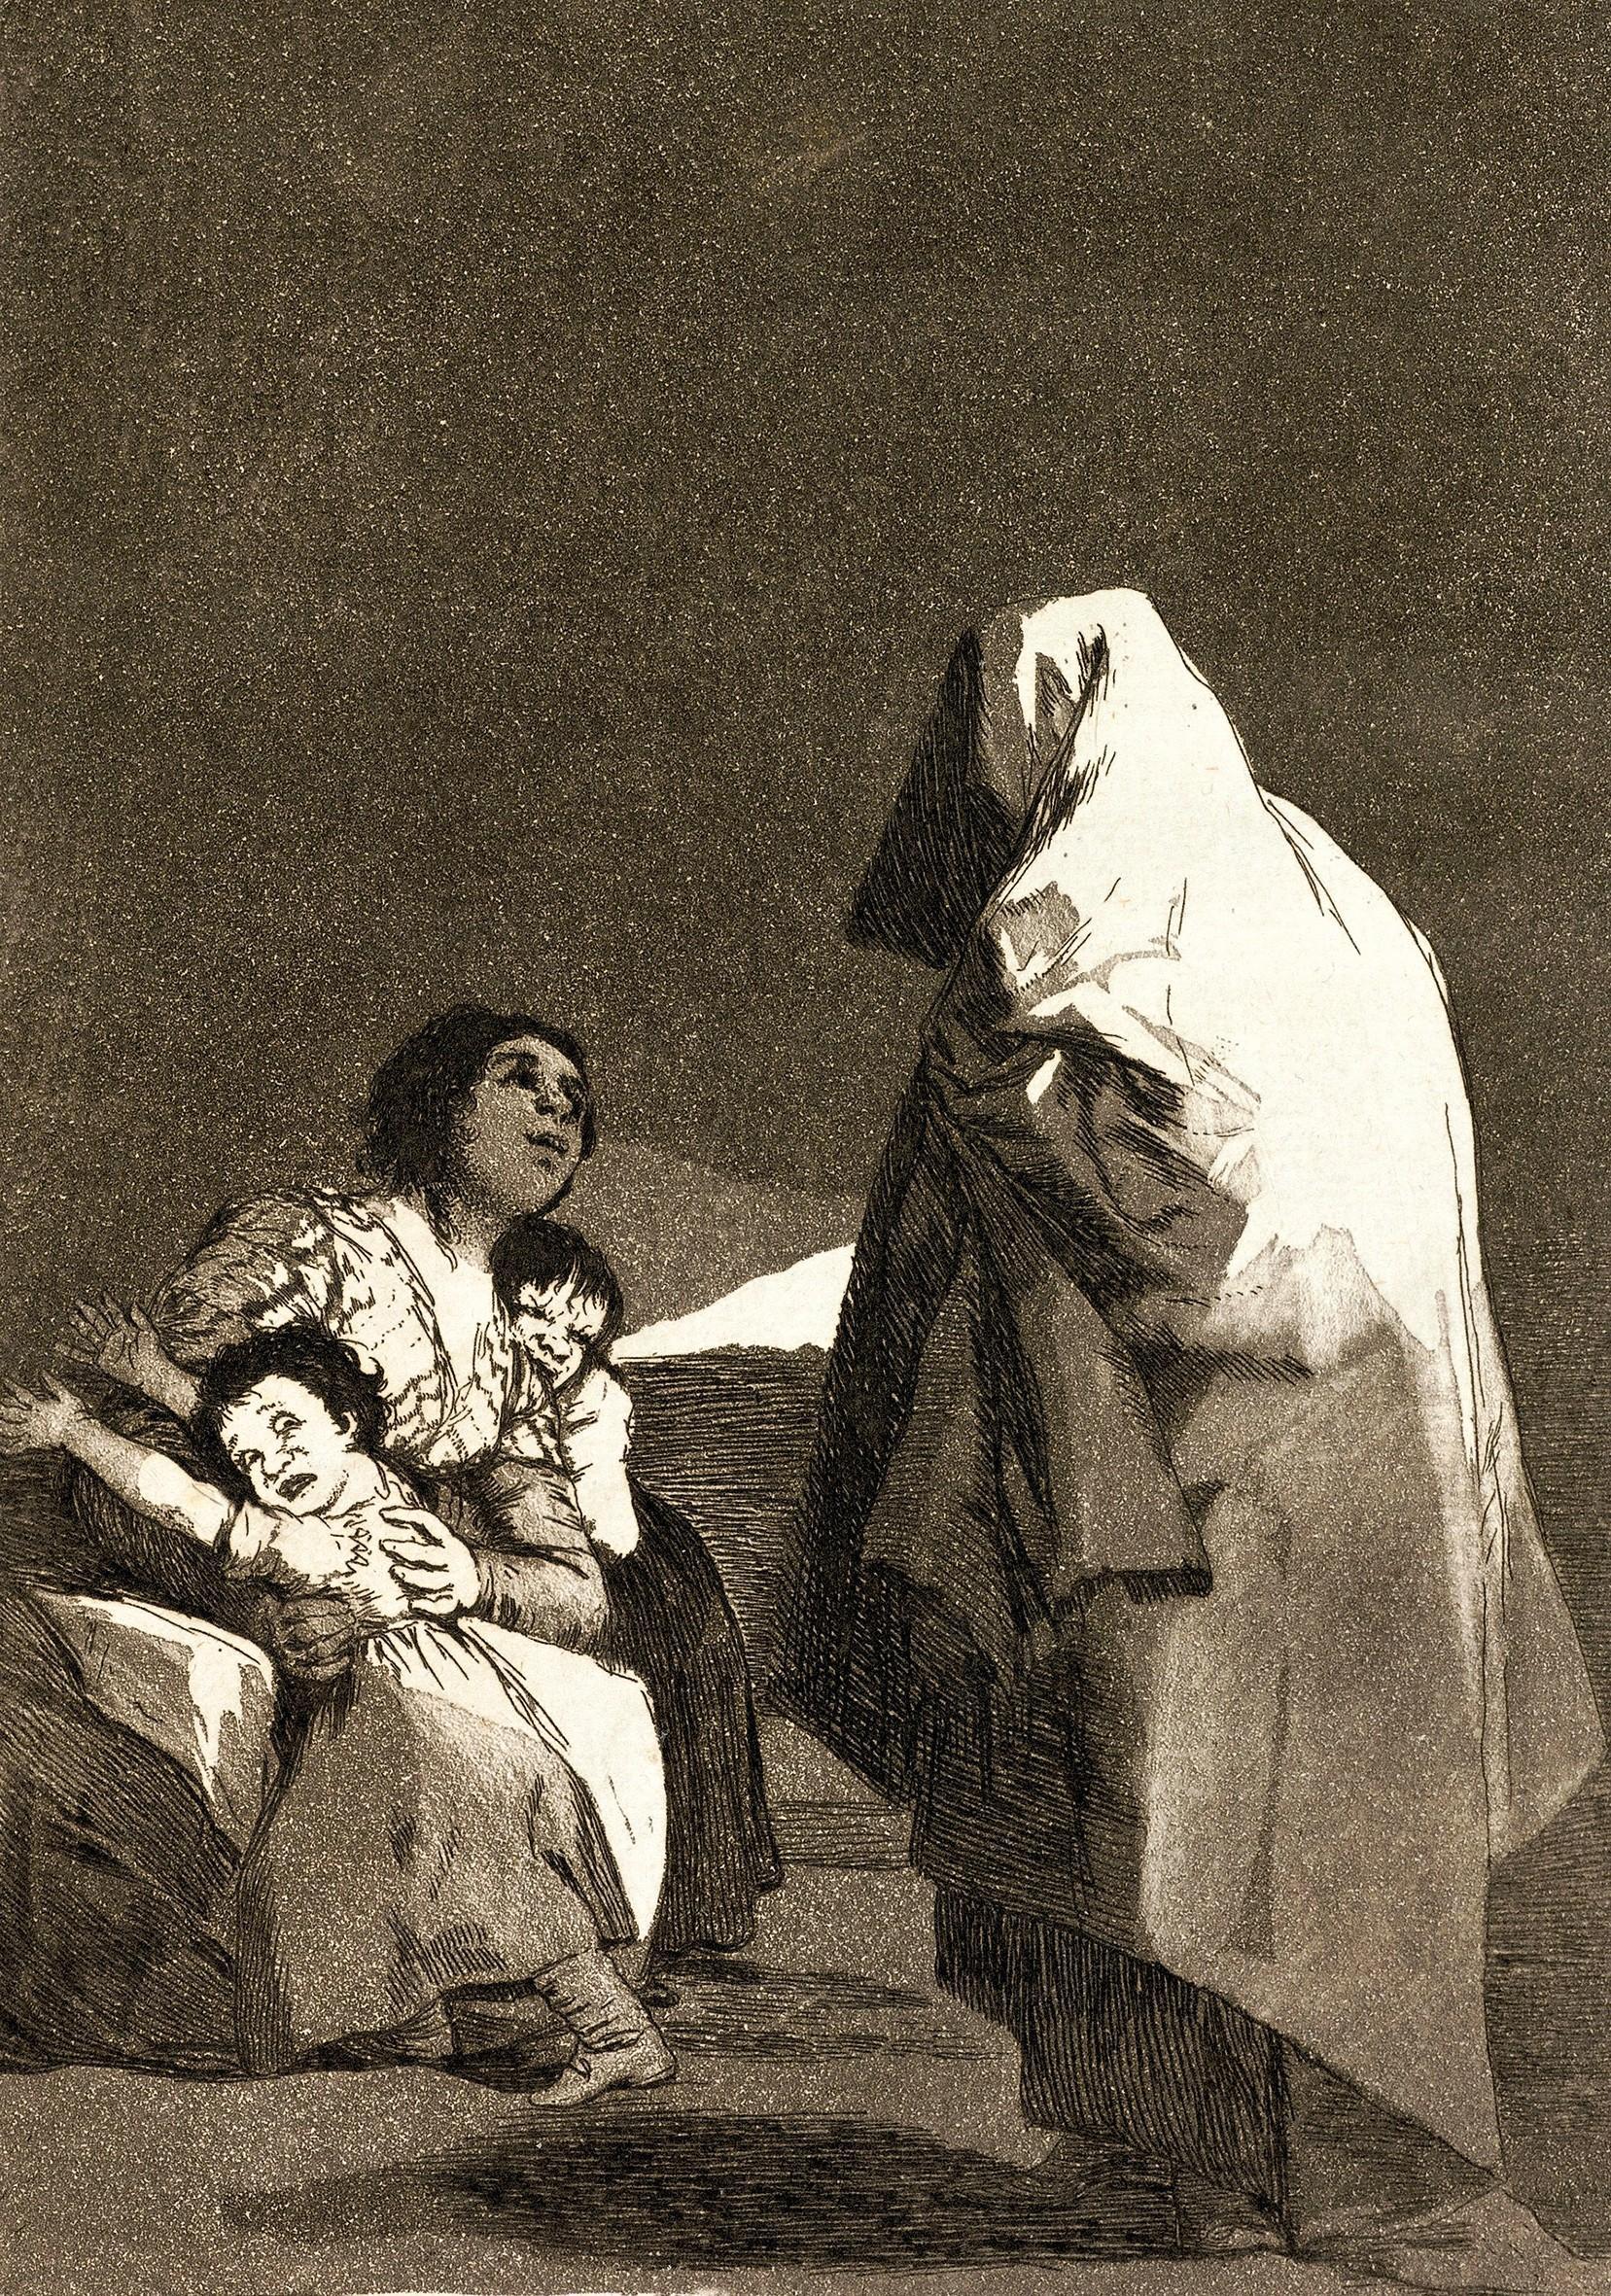 Francisco de Goya y Lucientes, Que viene el coco, 1797